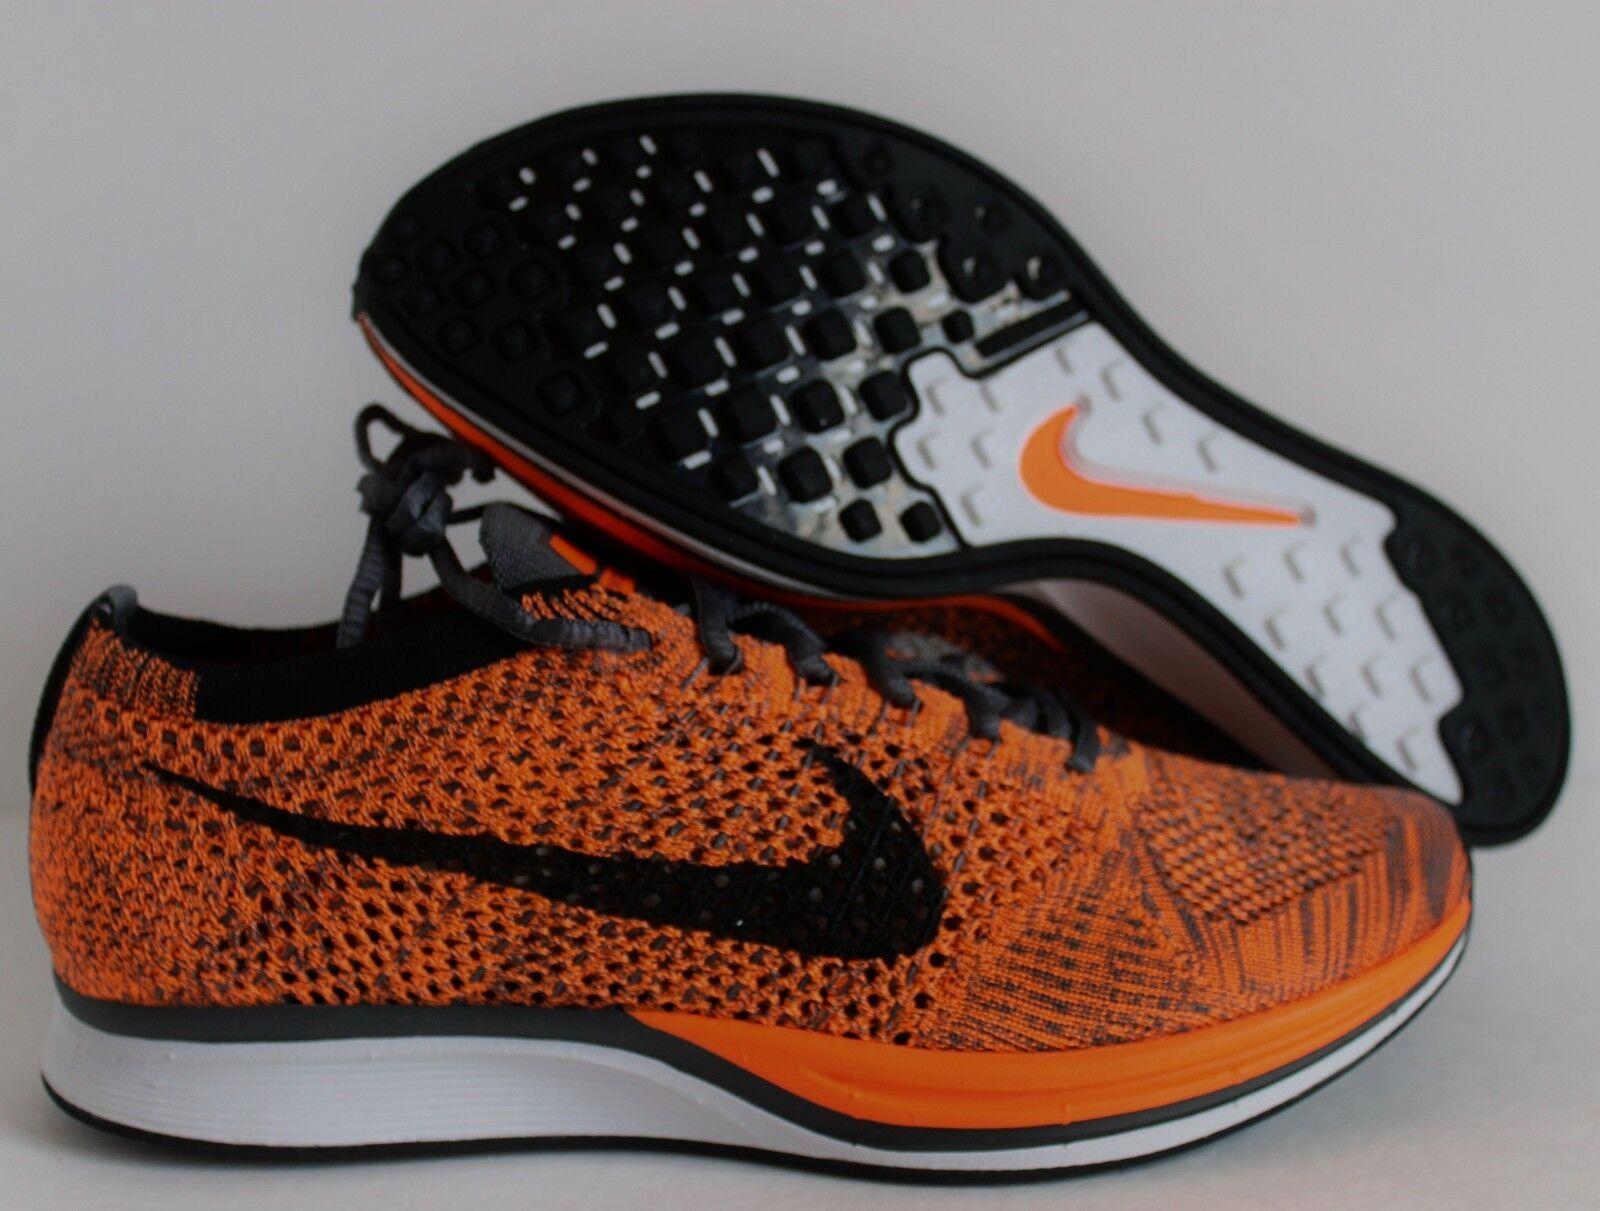 Nike uomini flyknit racer totale orange-white-dark grey sz 12 [526628-810]